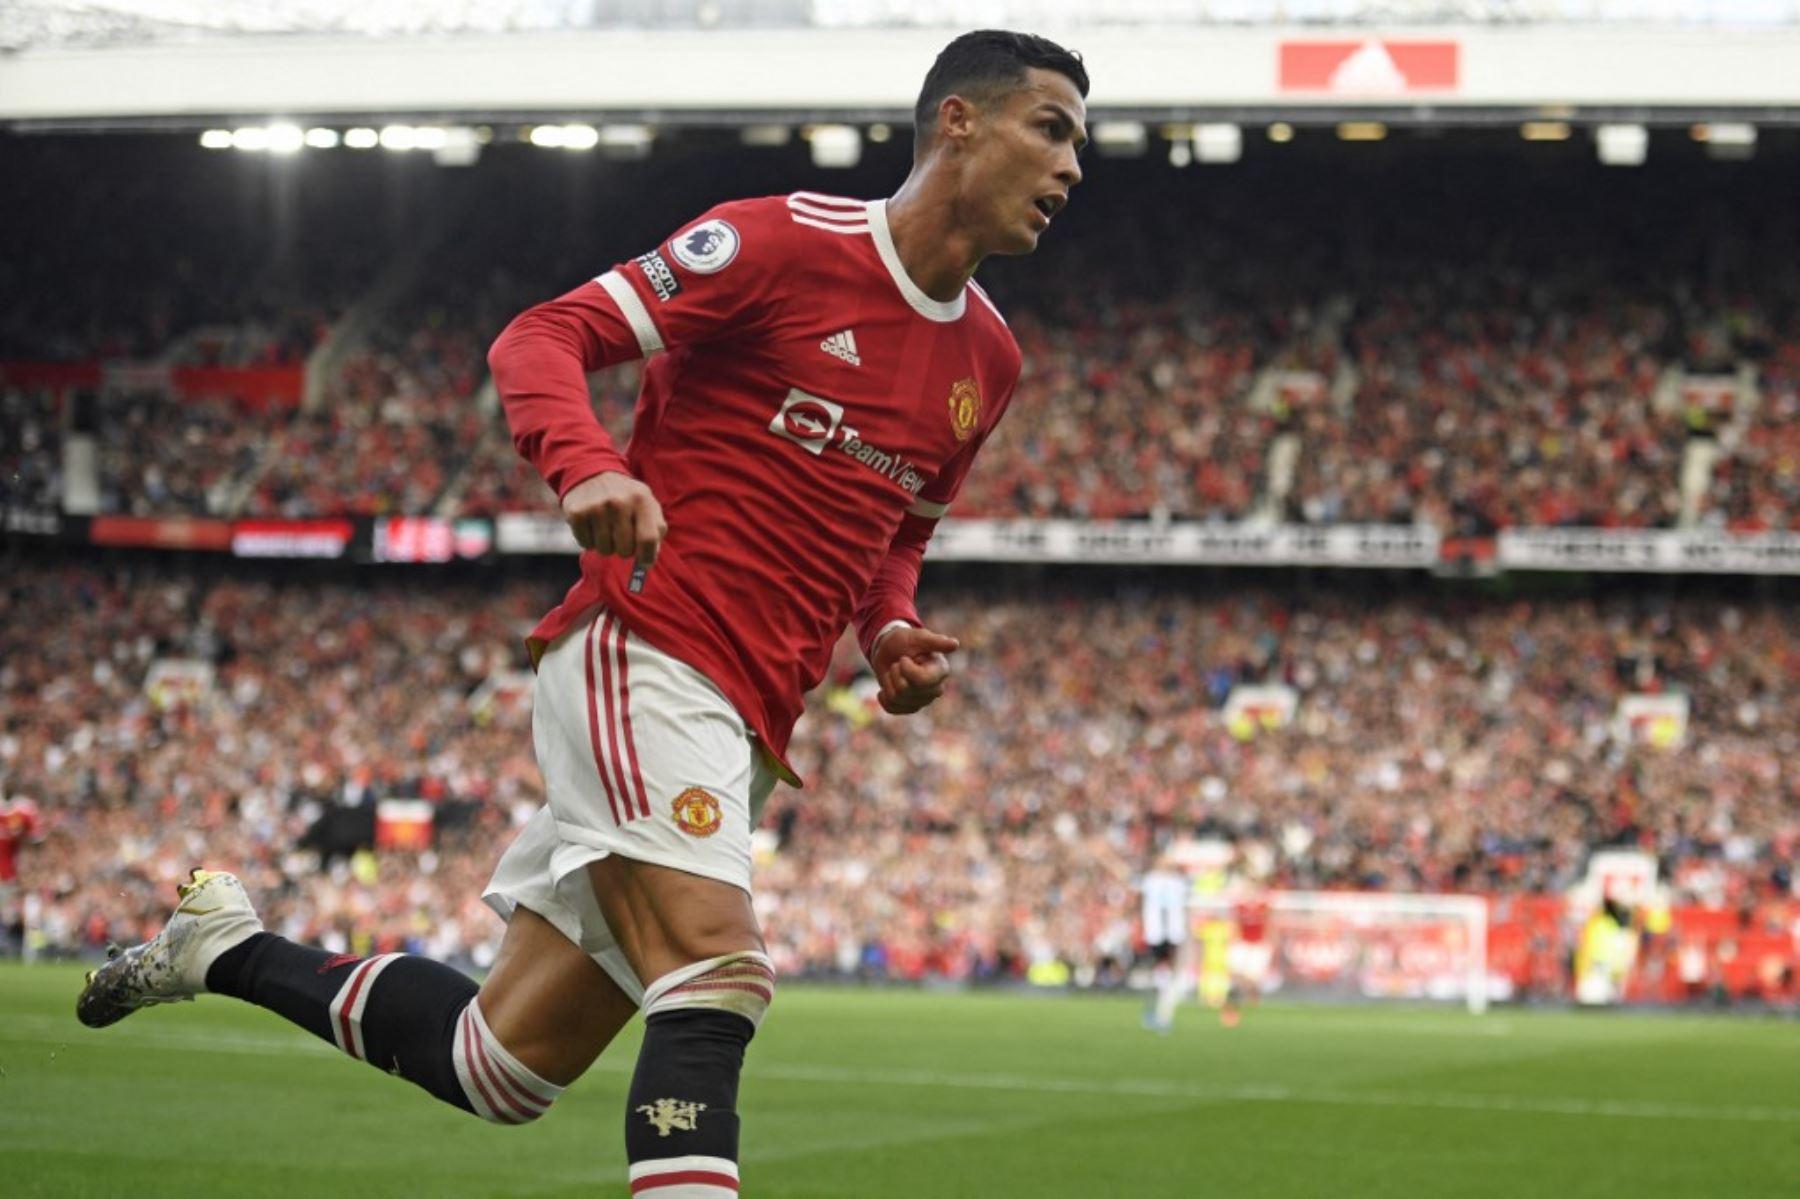 Cristiano Ronaldo comienza a hacerse presente en el Manchester United